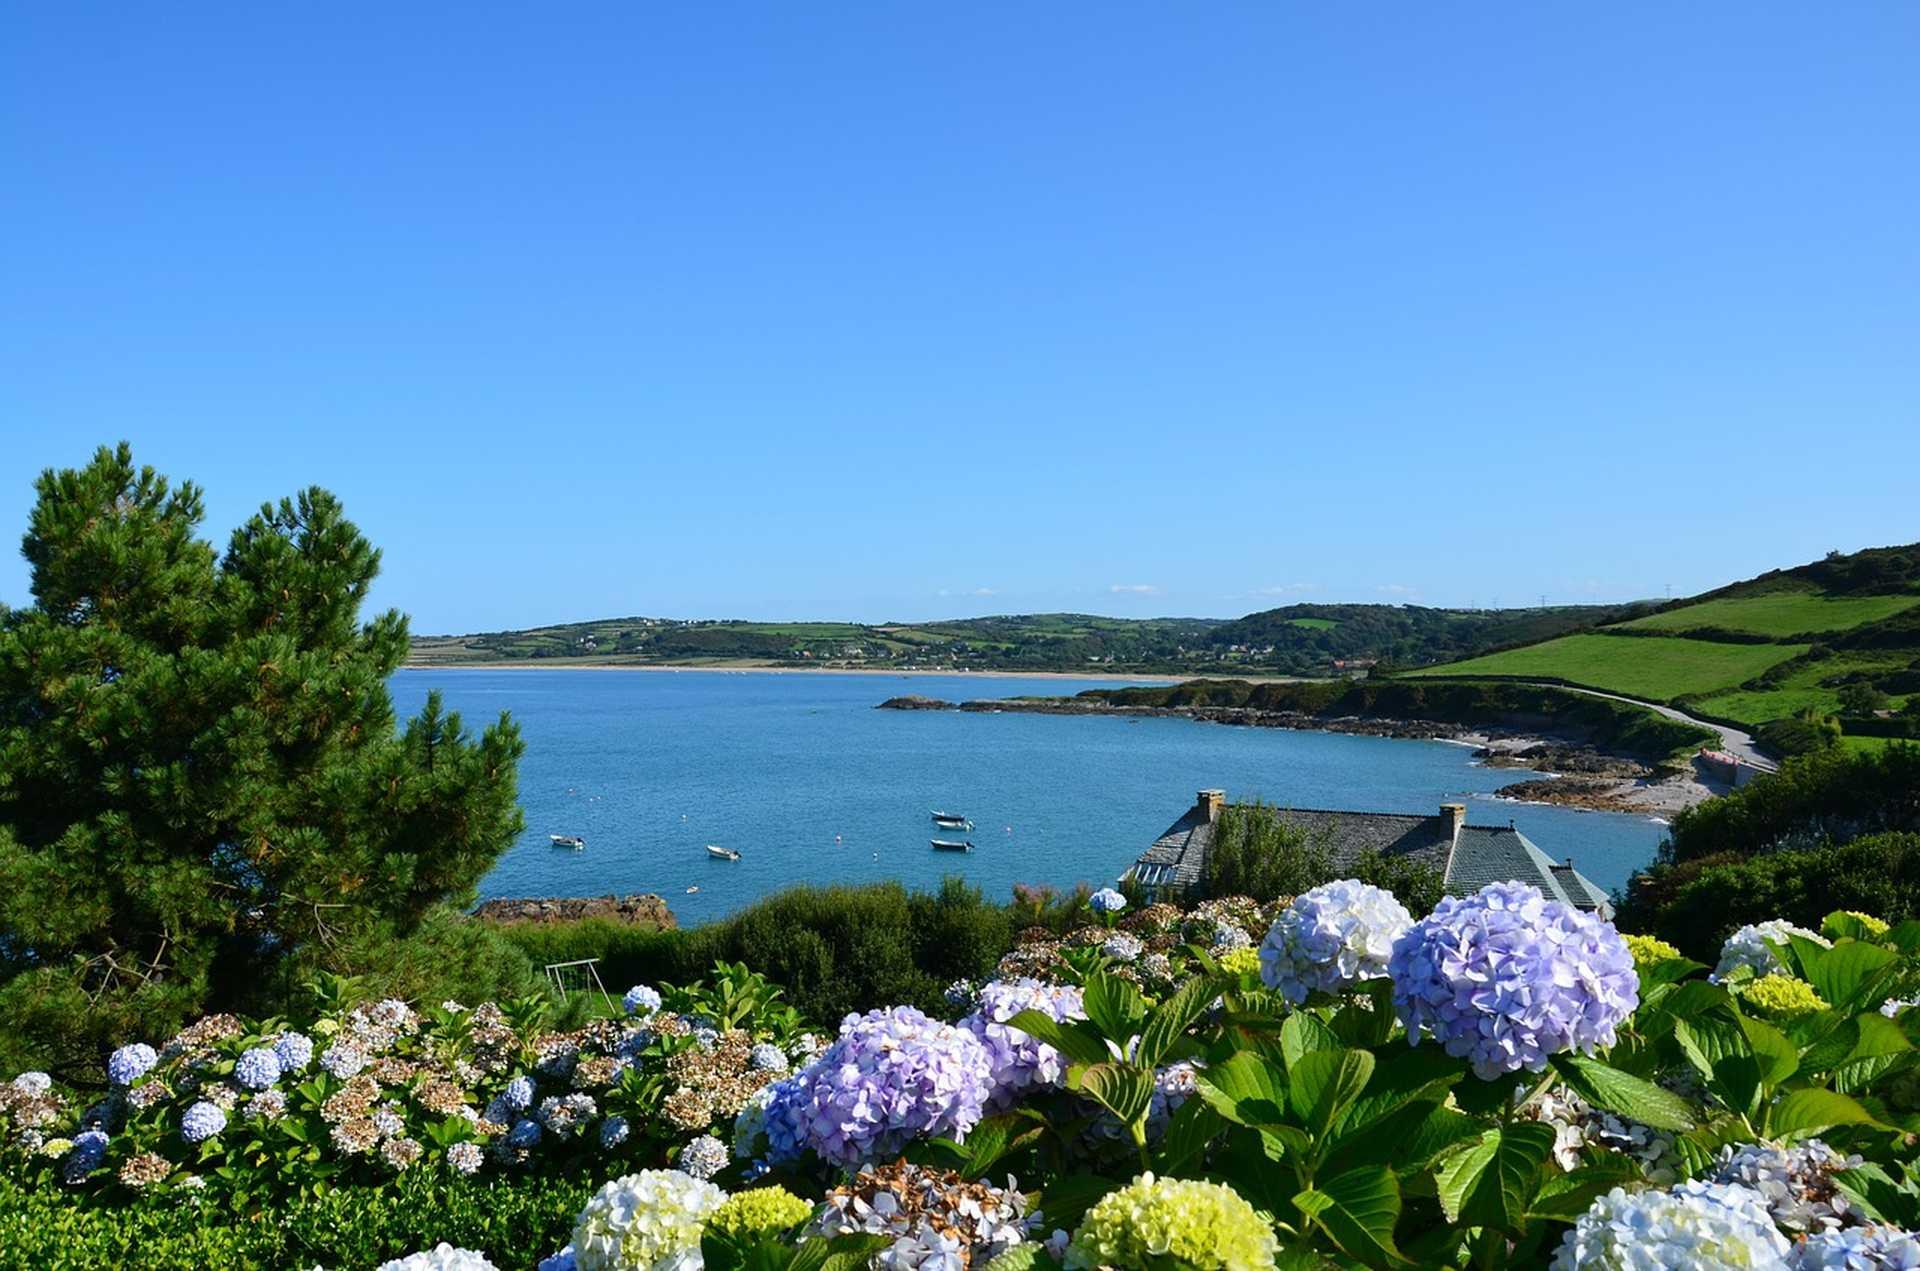 Plage et magnolias dans le Cotentin